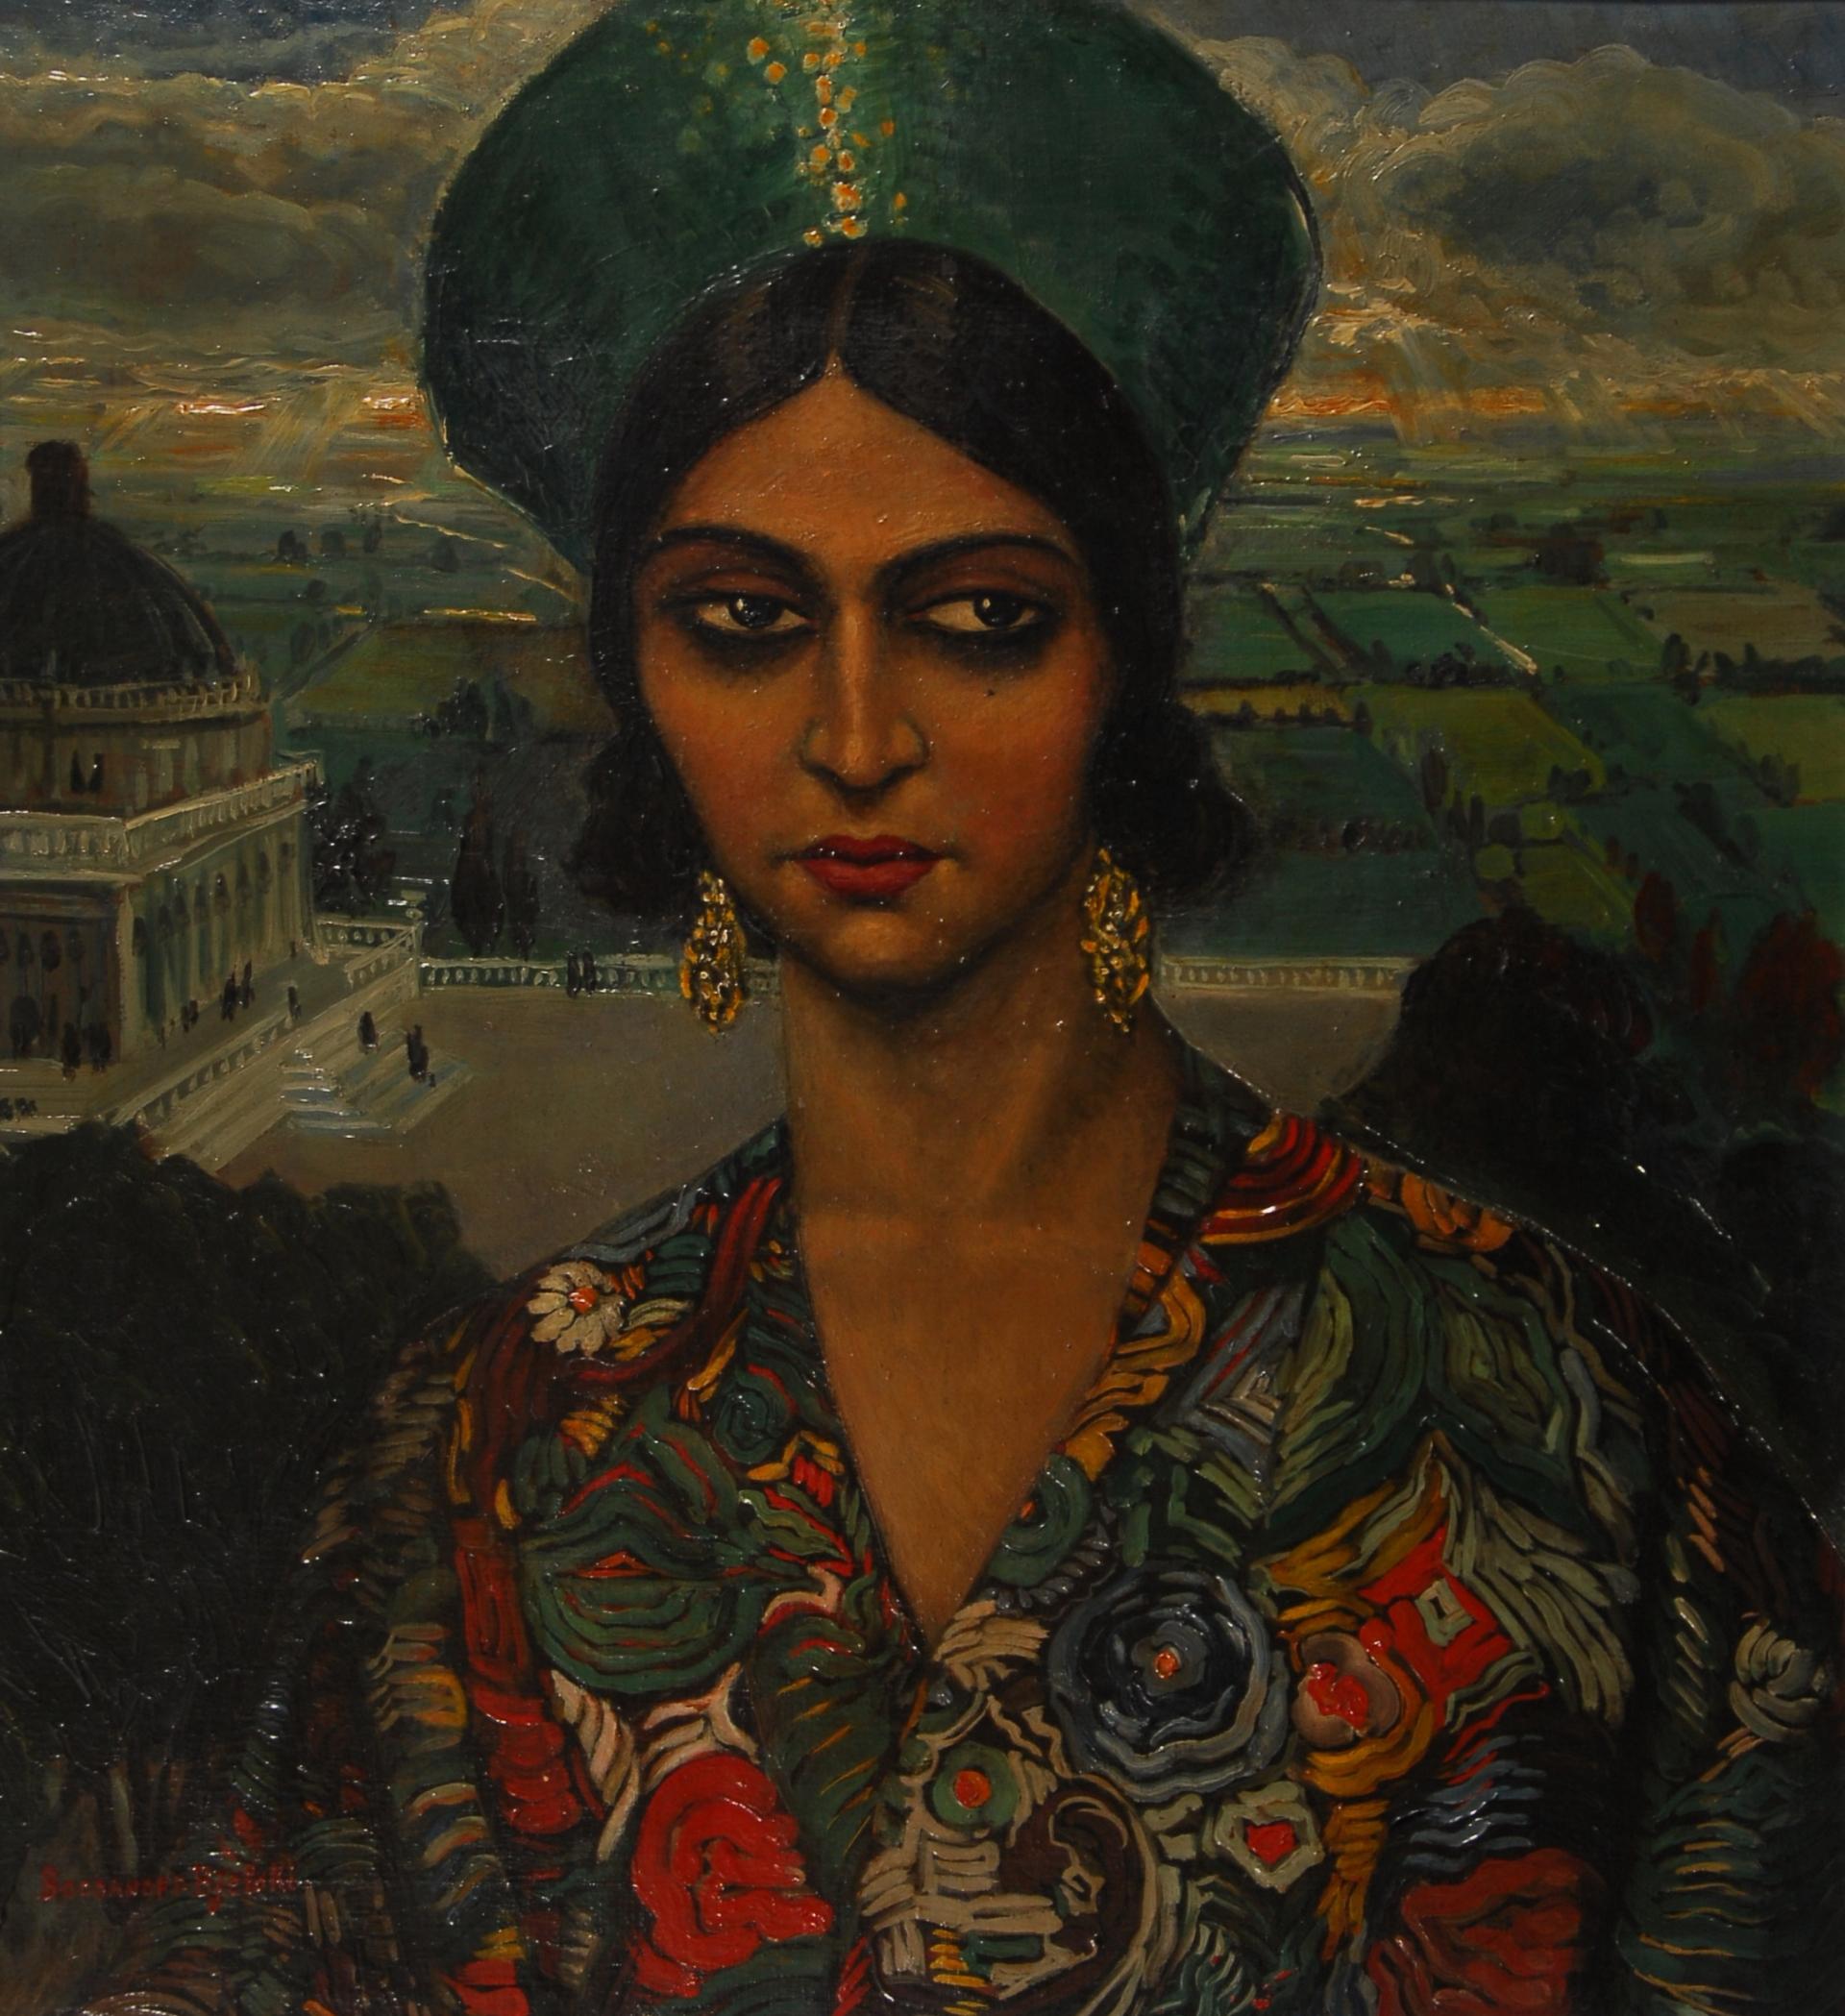 Jeune femme russe dans les jardins d´un palais